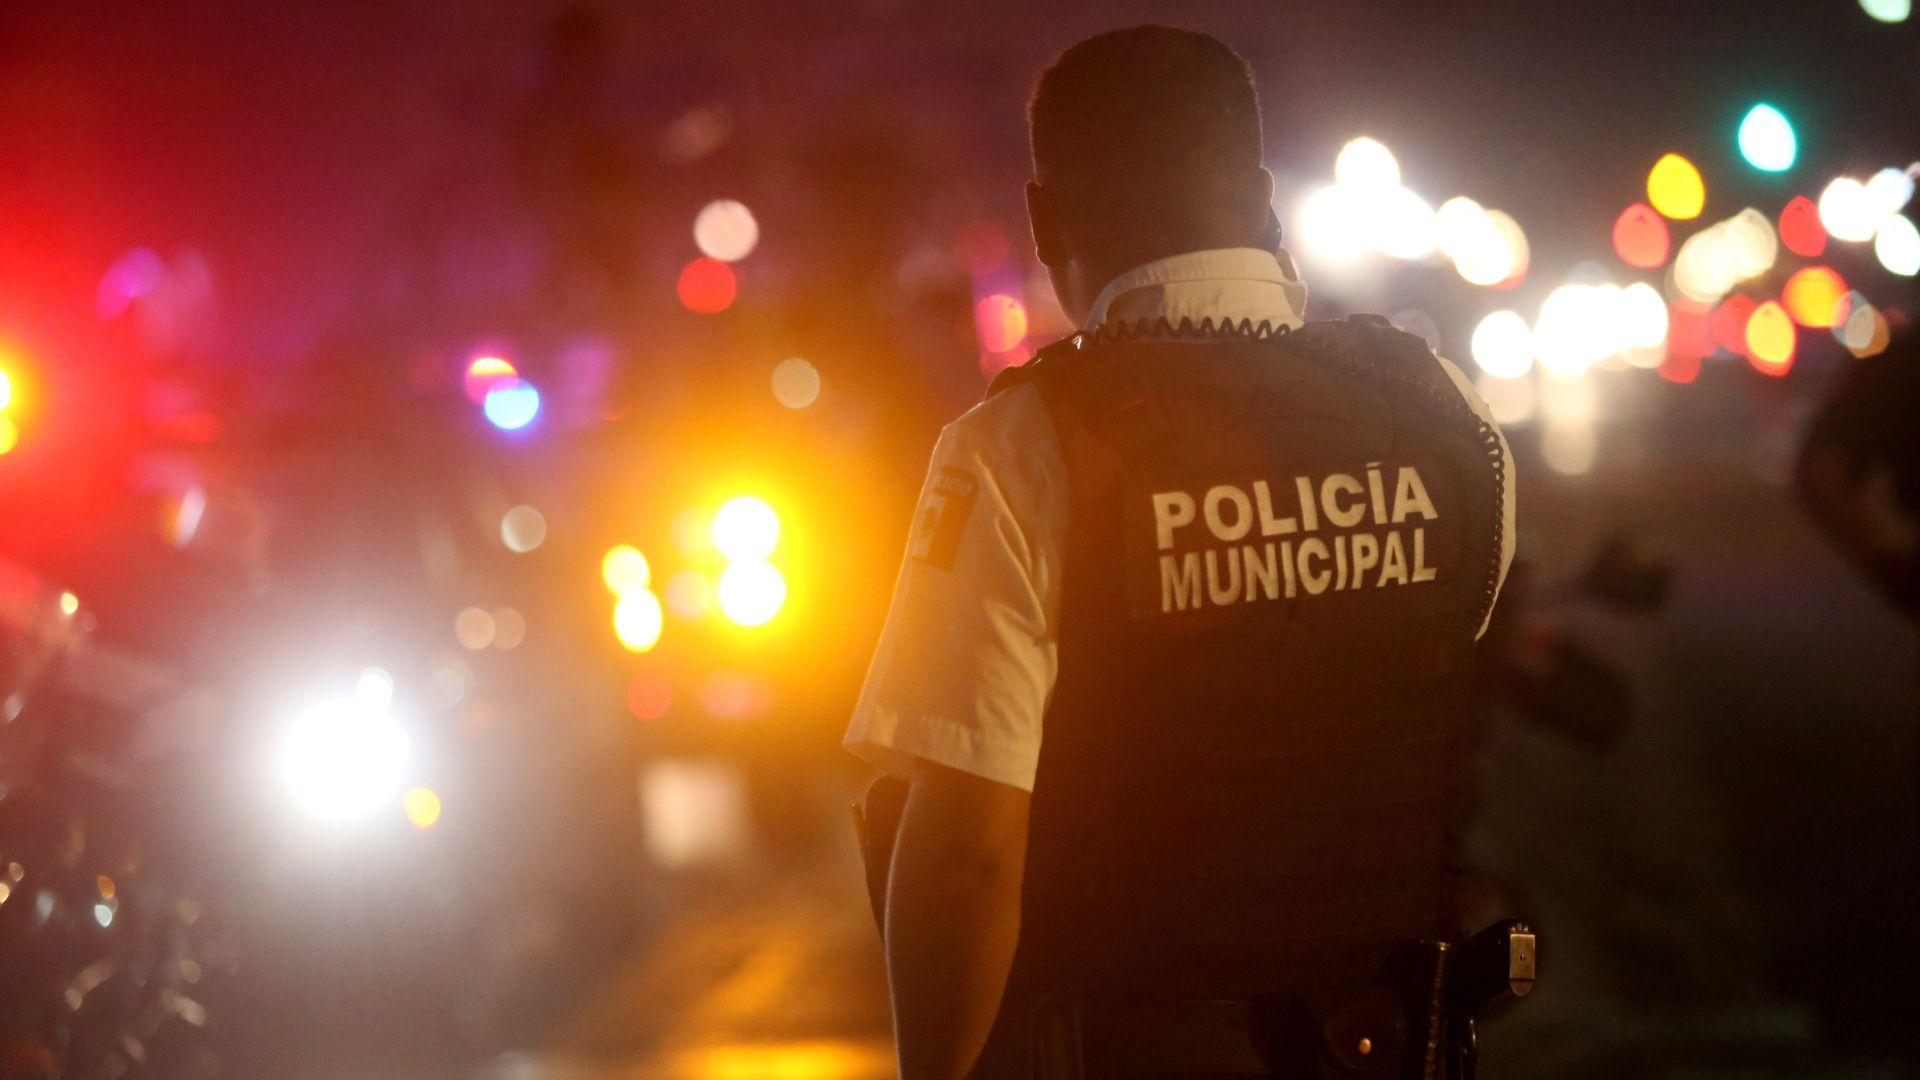 Imagen ilustrativa de un policía en Michoacán, al centro oeste de México (Foto: JUAN JOSÉ ESTRADA SERAFÍN /CUARTOSCURO)